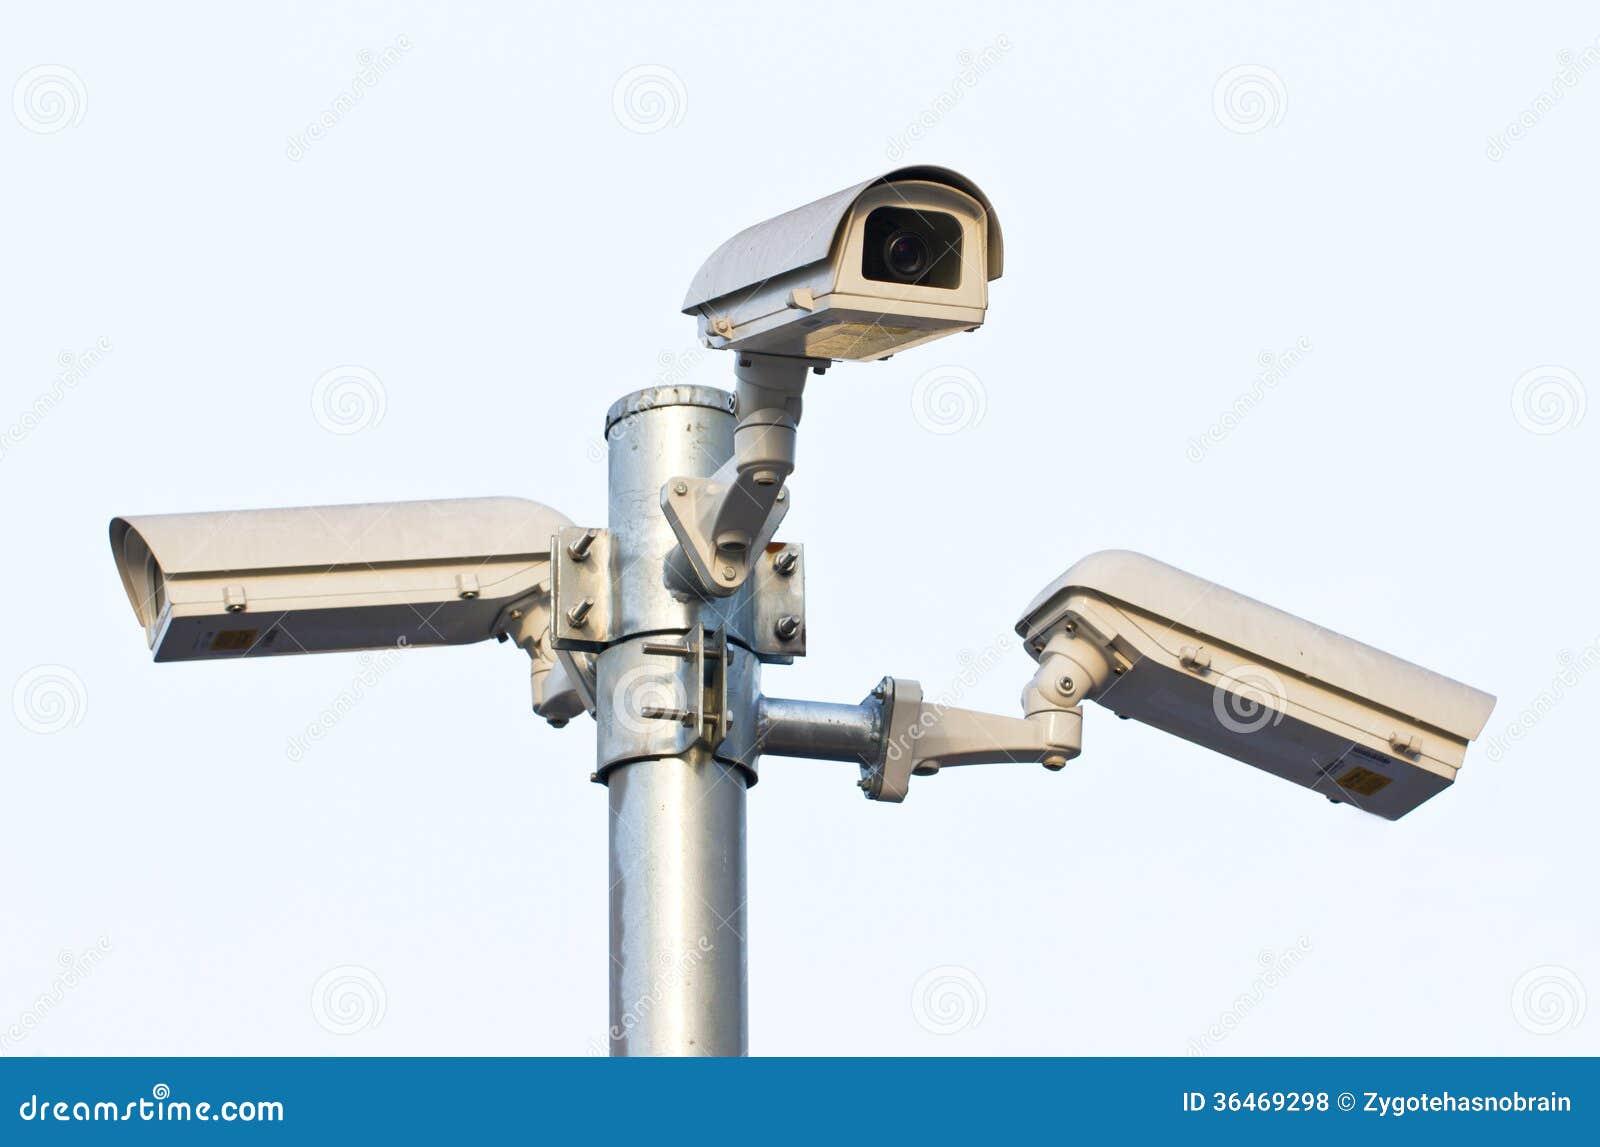 Three Security Cameras.